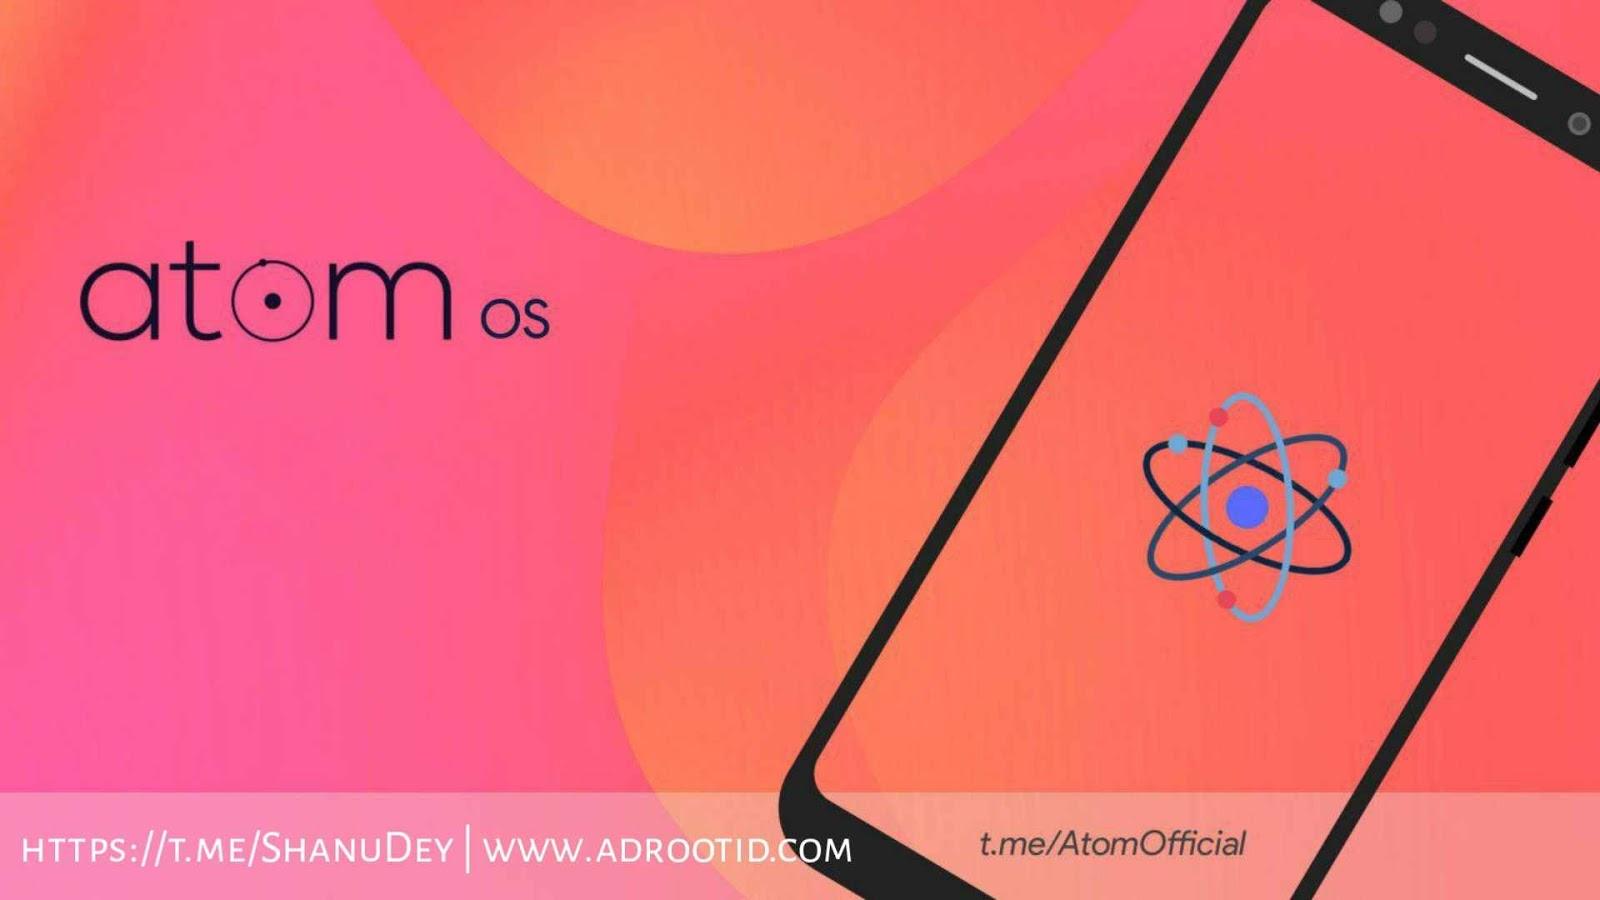 Atom OS